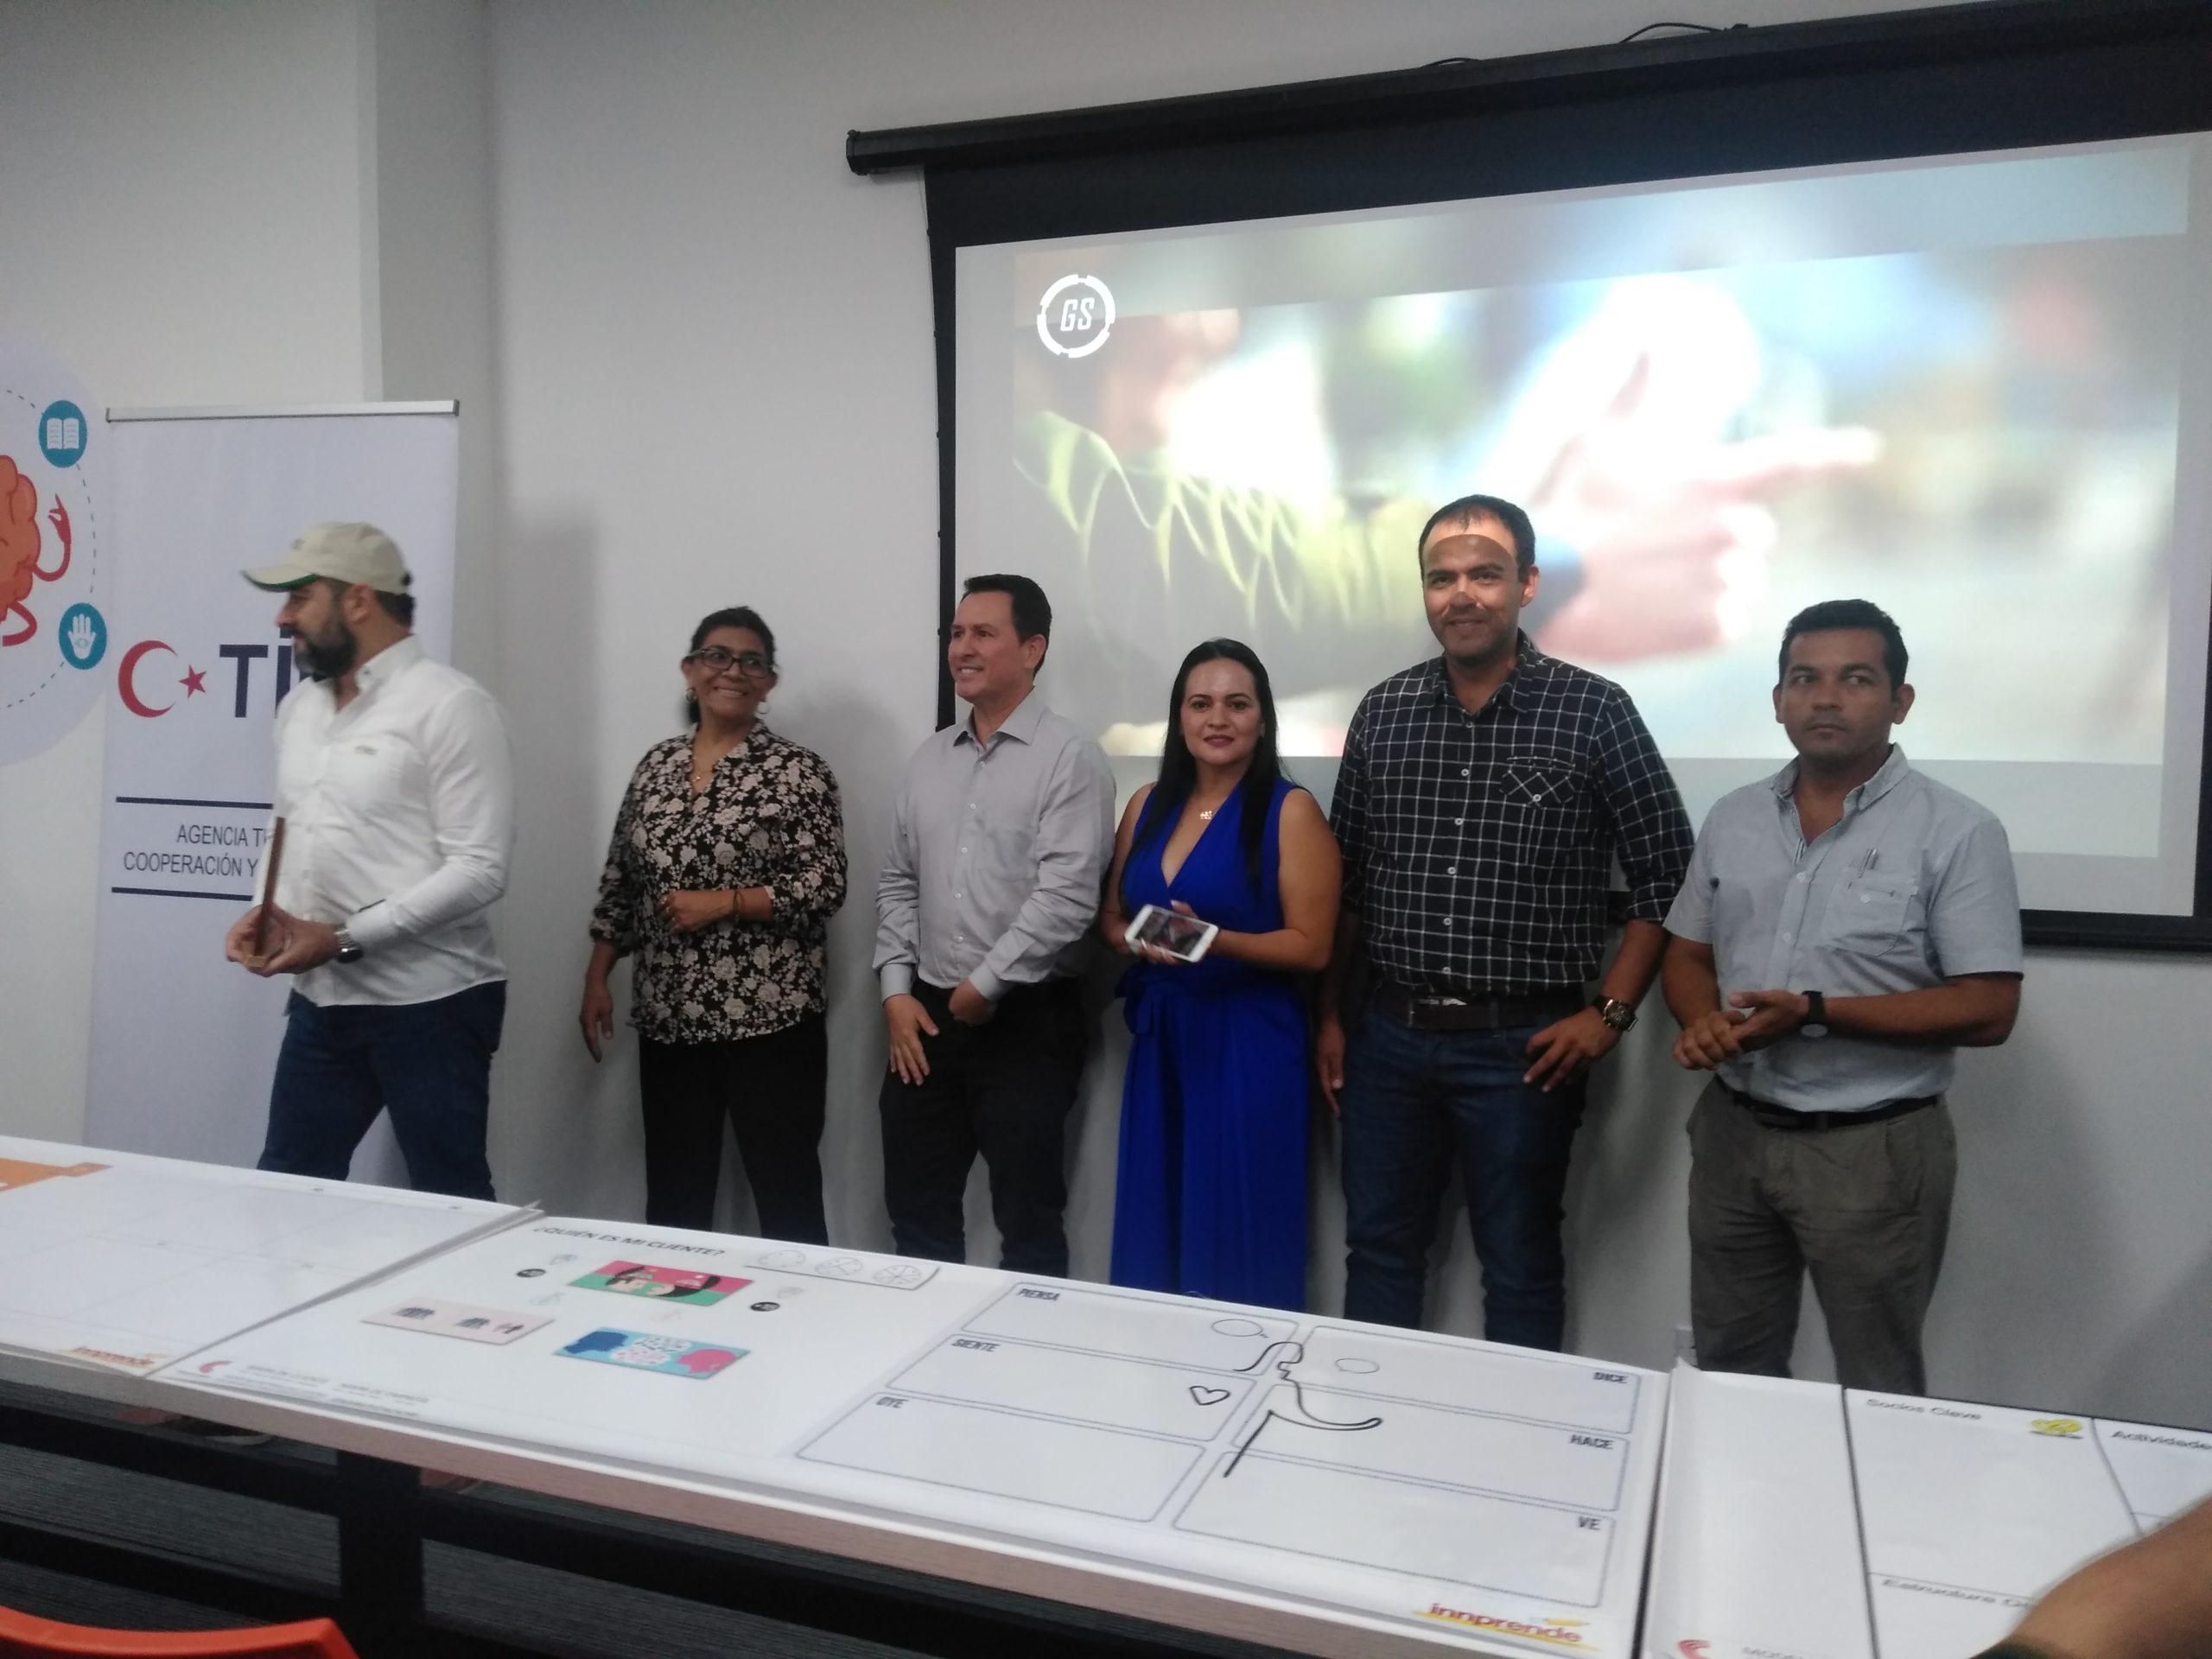 Photo of La Cámara de Comercio de Casanare  (CCC) inauguró el Centro de Emprendimiento, Innovación y Prototipado Liviano de la Orinoquia, en las instalaciones de la entidad en Yopal